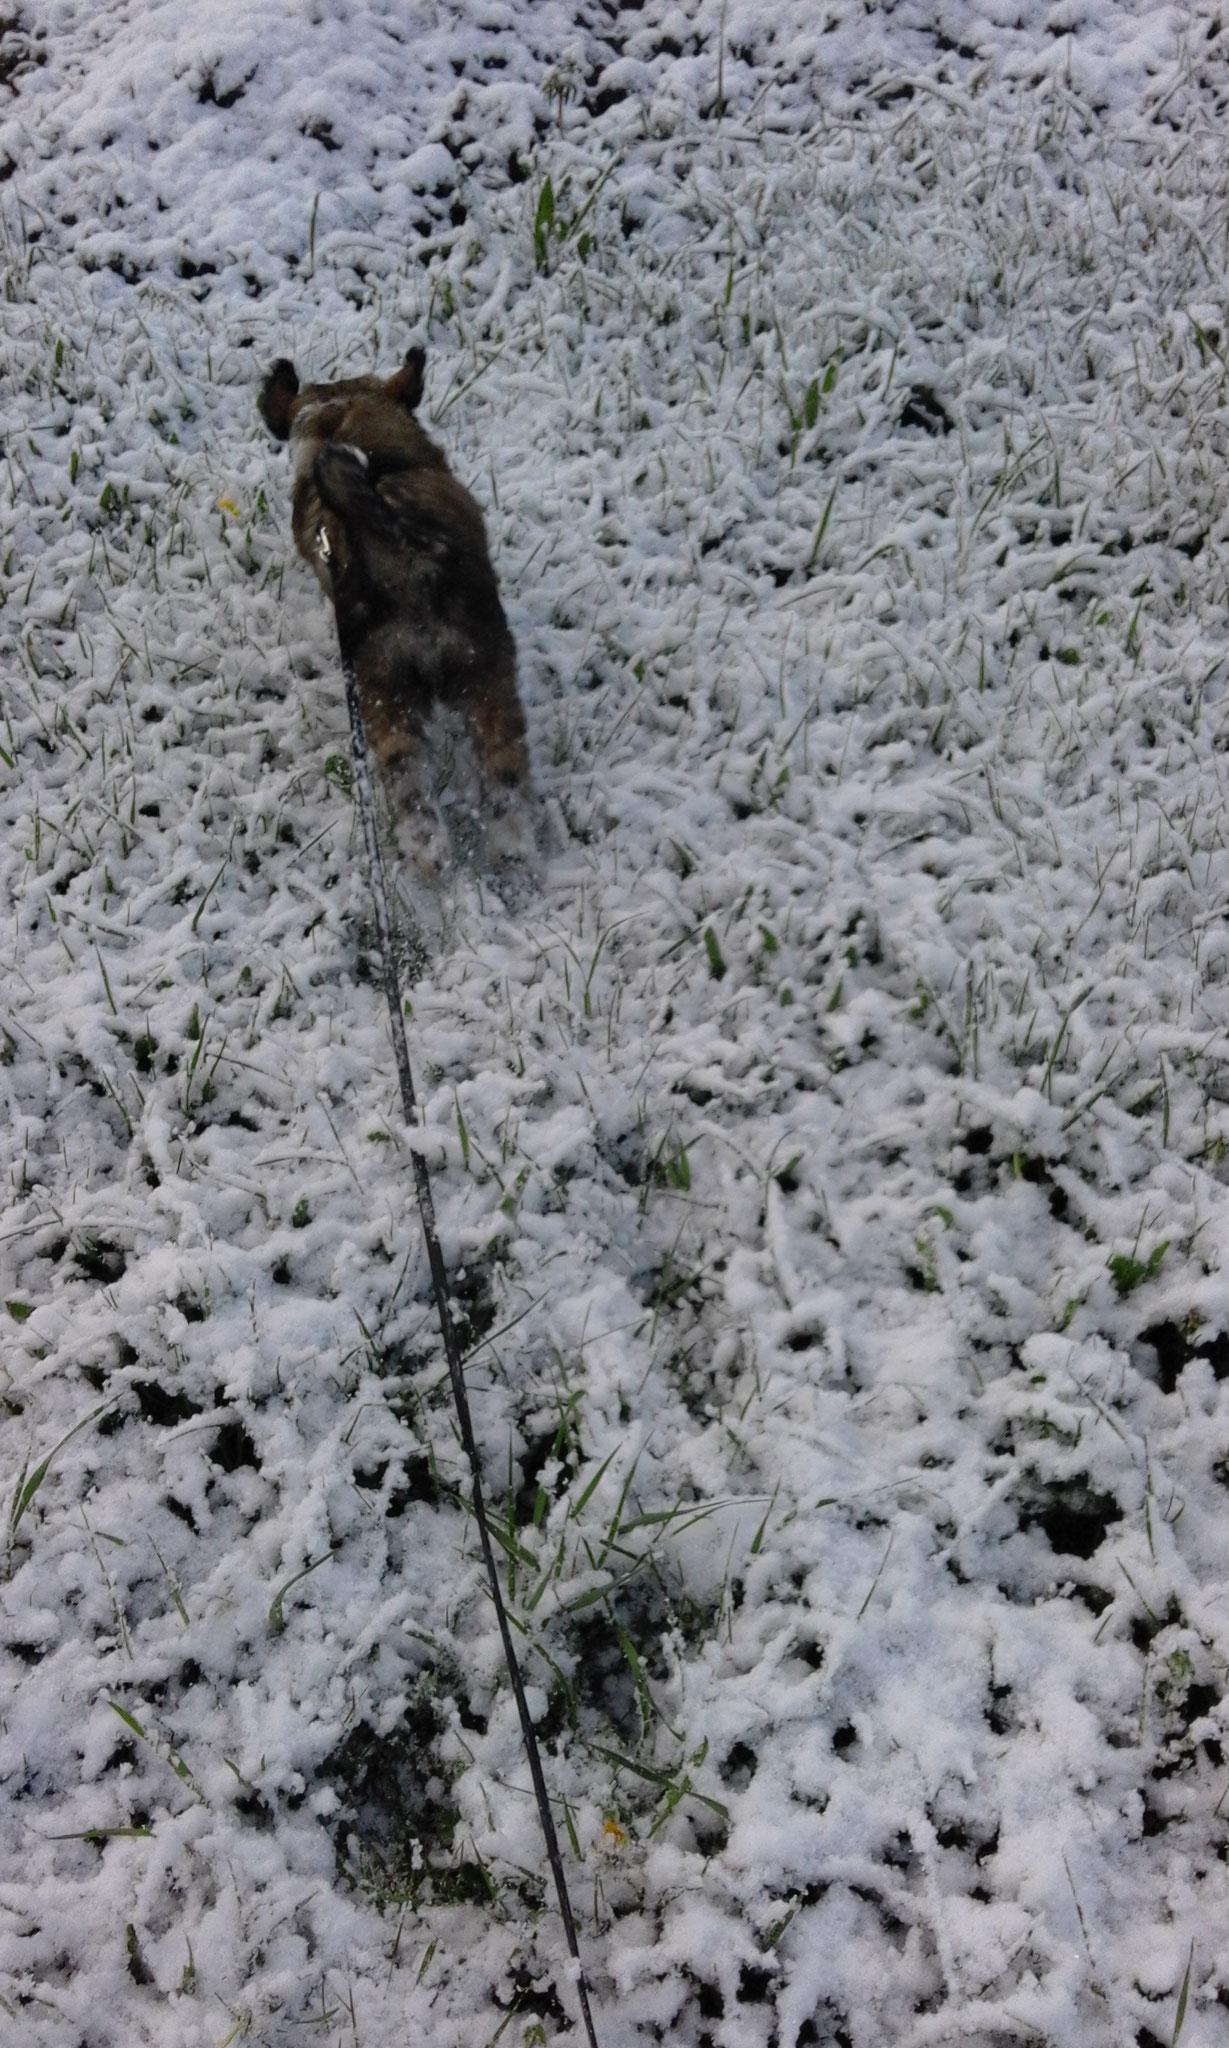 brrr Schnee, na, dann haben die Kleinen den wenigstens auch